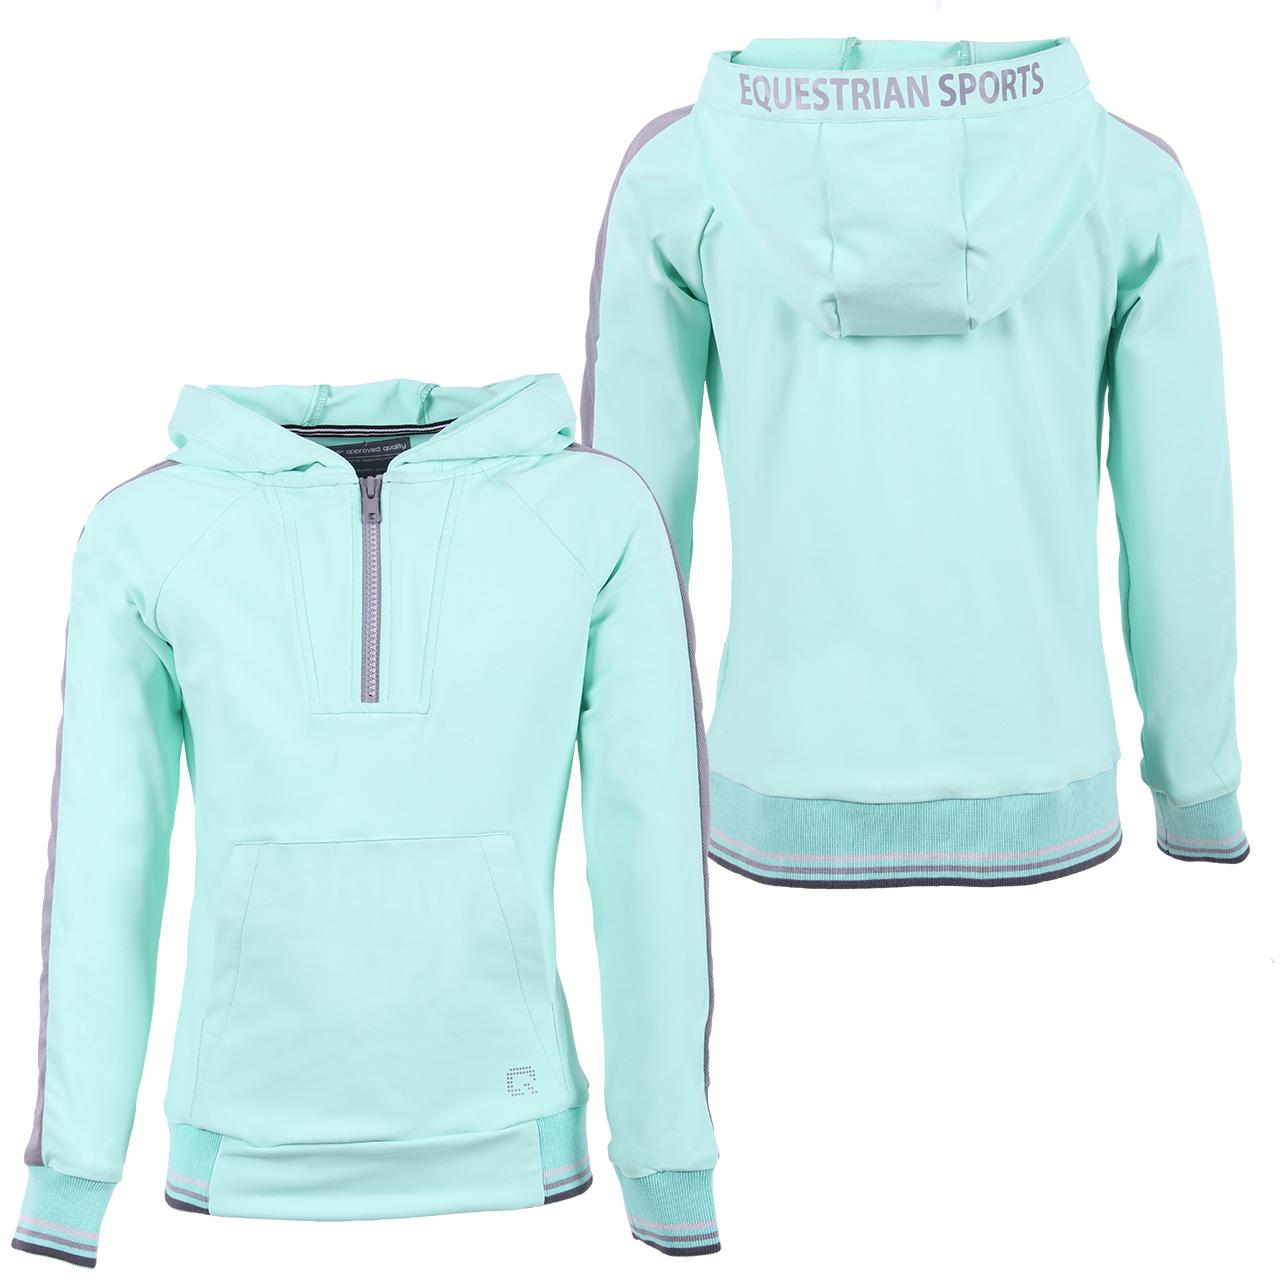 QHP Noleste kinder sweater mint maat:140